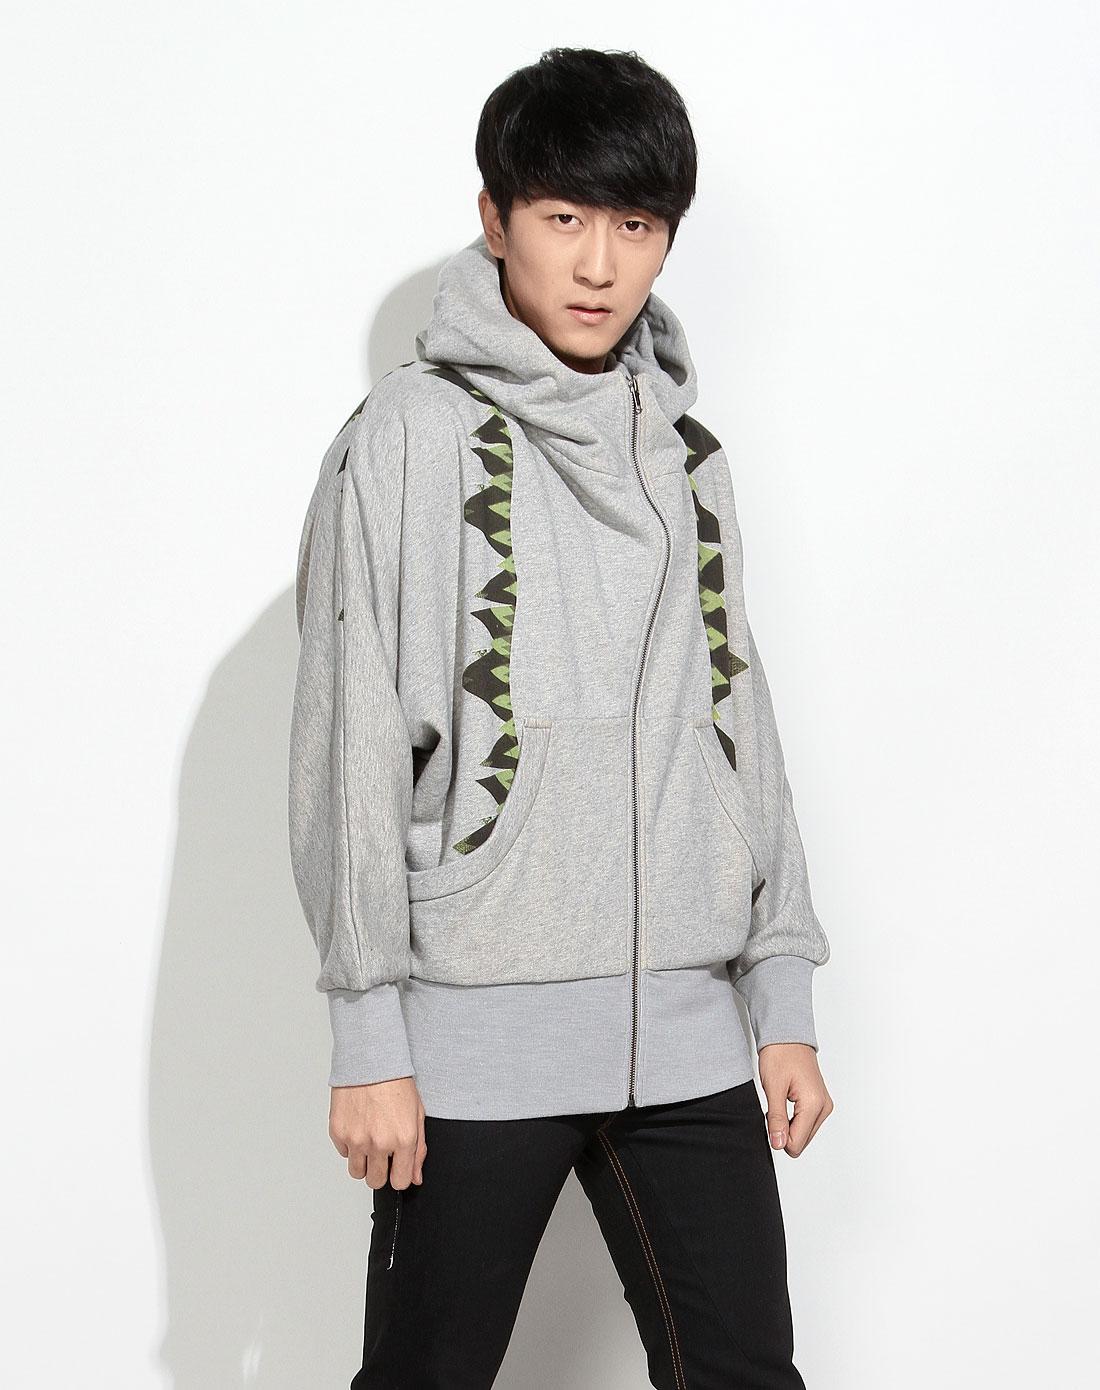 灰色摇滚休闲连帽长袖针织外套